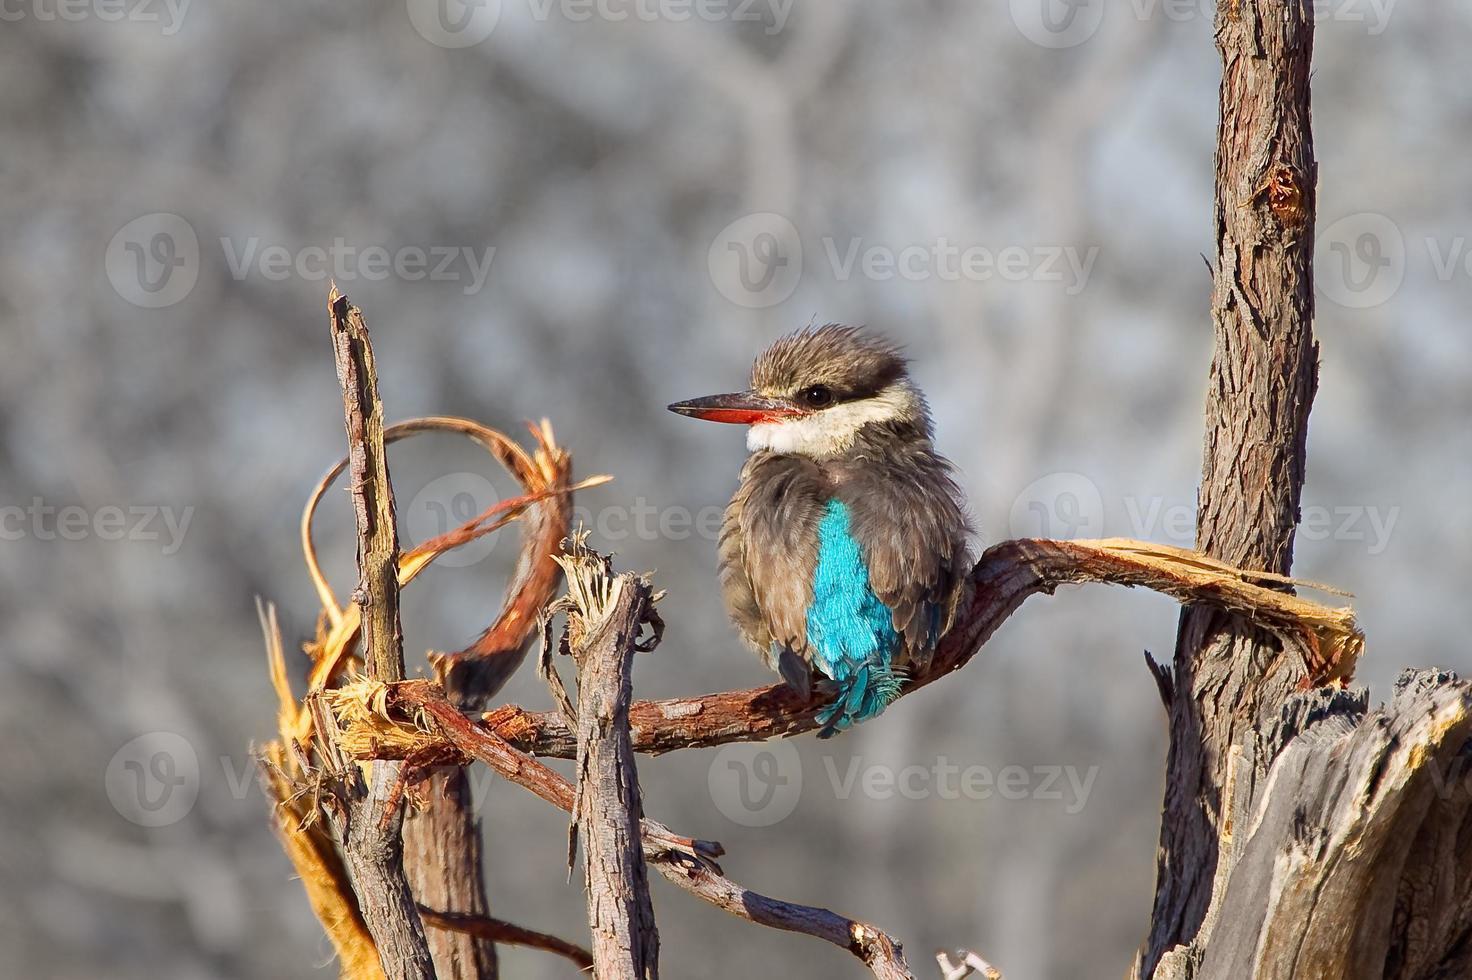 il martin pescatore a strisce appollaiato sul ramo morto foto